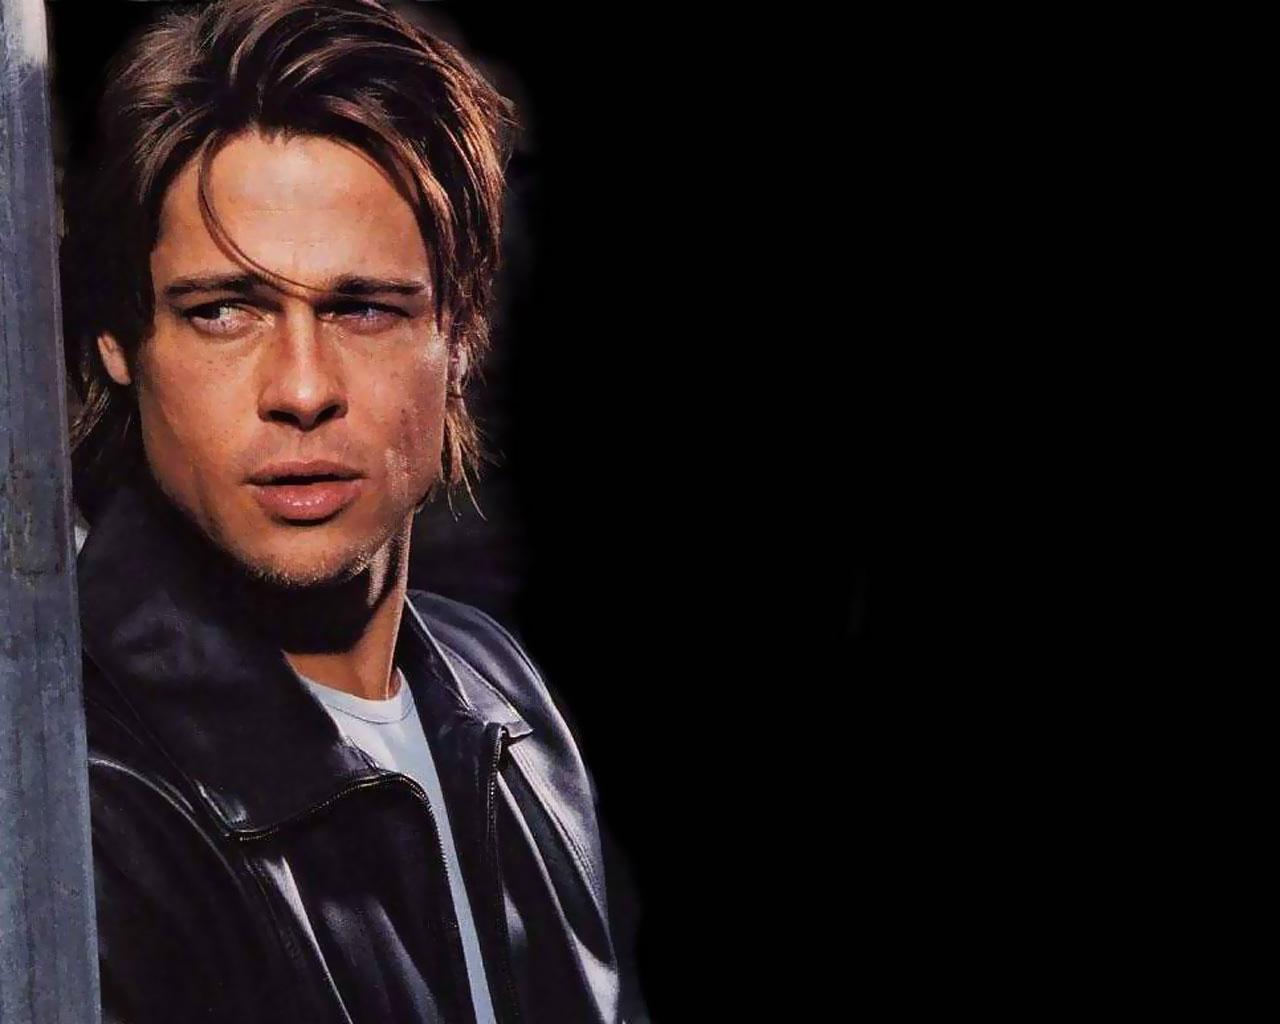 Brad Pitt wallpapers   Best HD Desktop Wallpaper 1280x1024